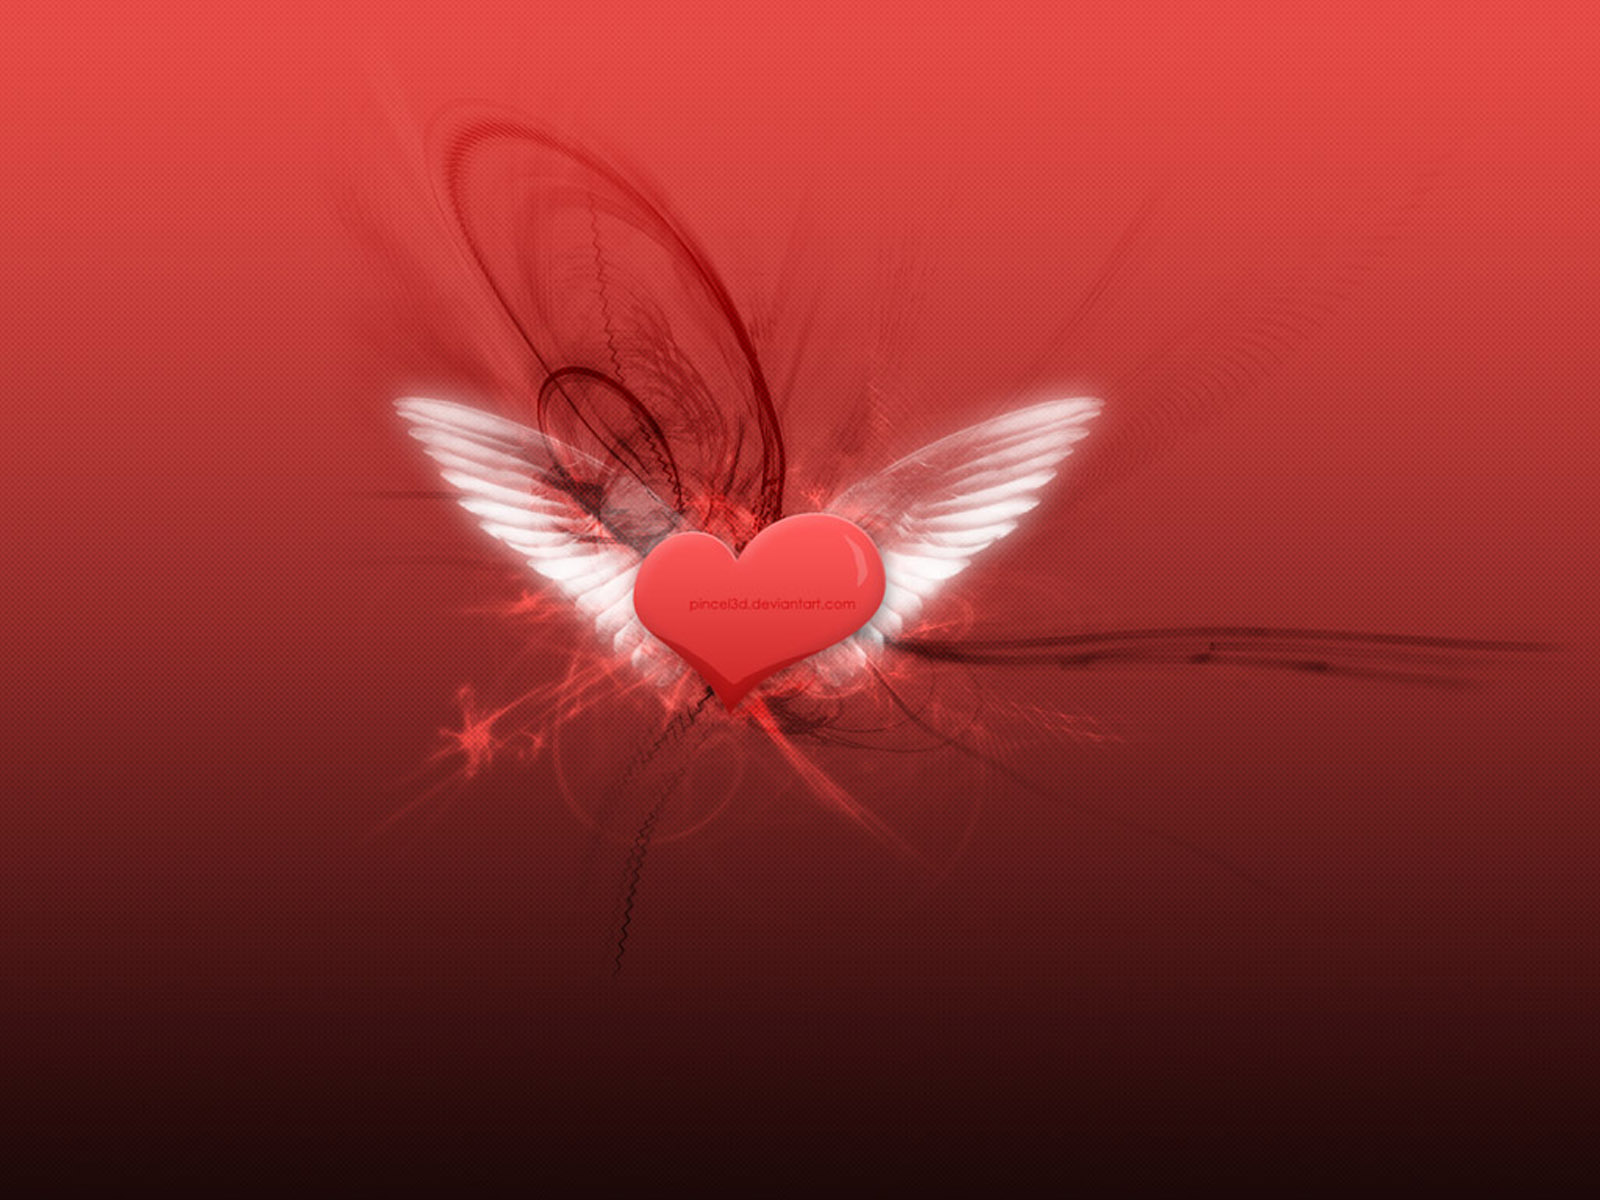 http://3.bp.blogspot.com/_Ym3du2sG3R4/S95jhvZ4v2I/AAAAAAAACOQ/ZL-pf8SRIeA/s1600/Love-heart-wallpaper-1600x1200.jpg